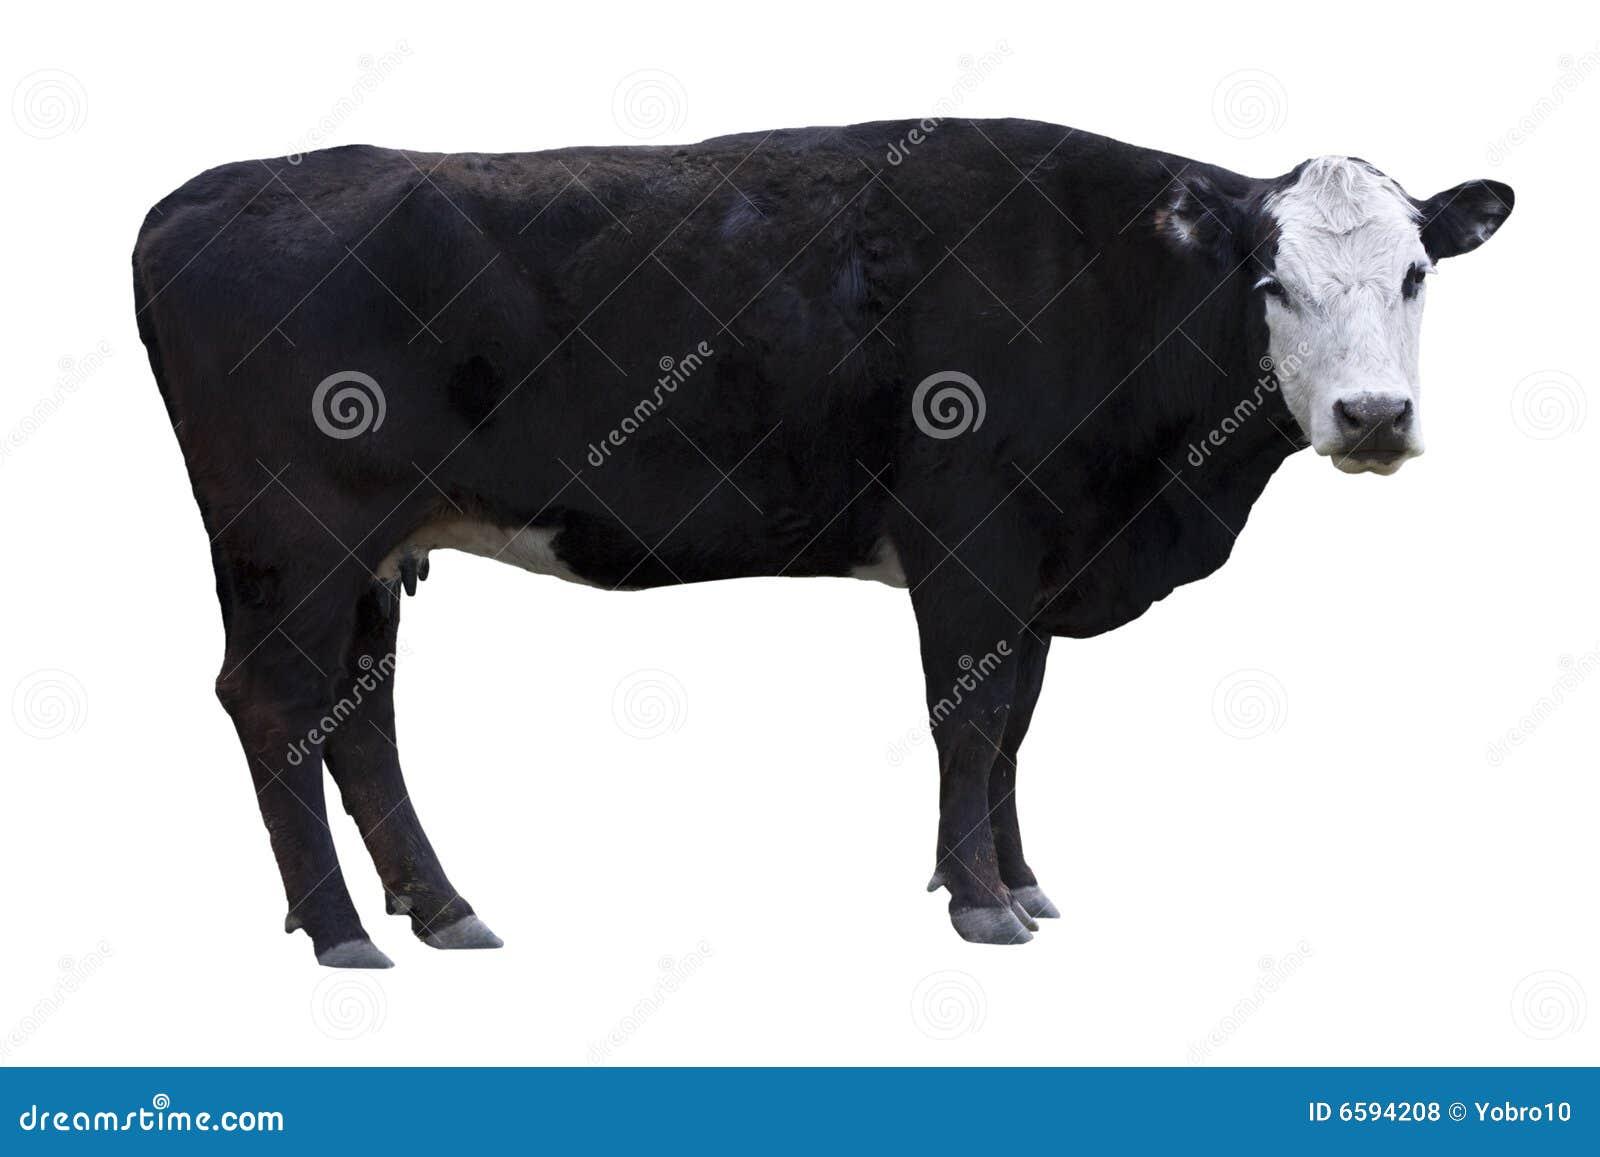 Black Cow cutout